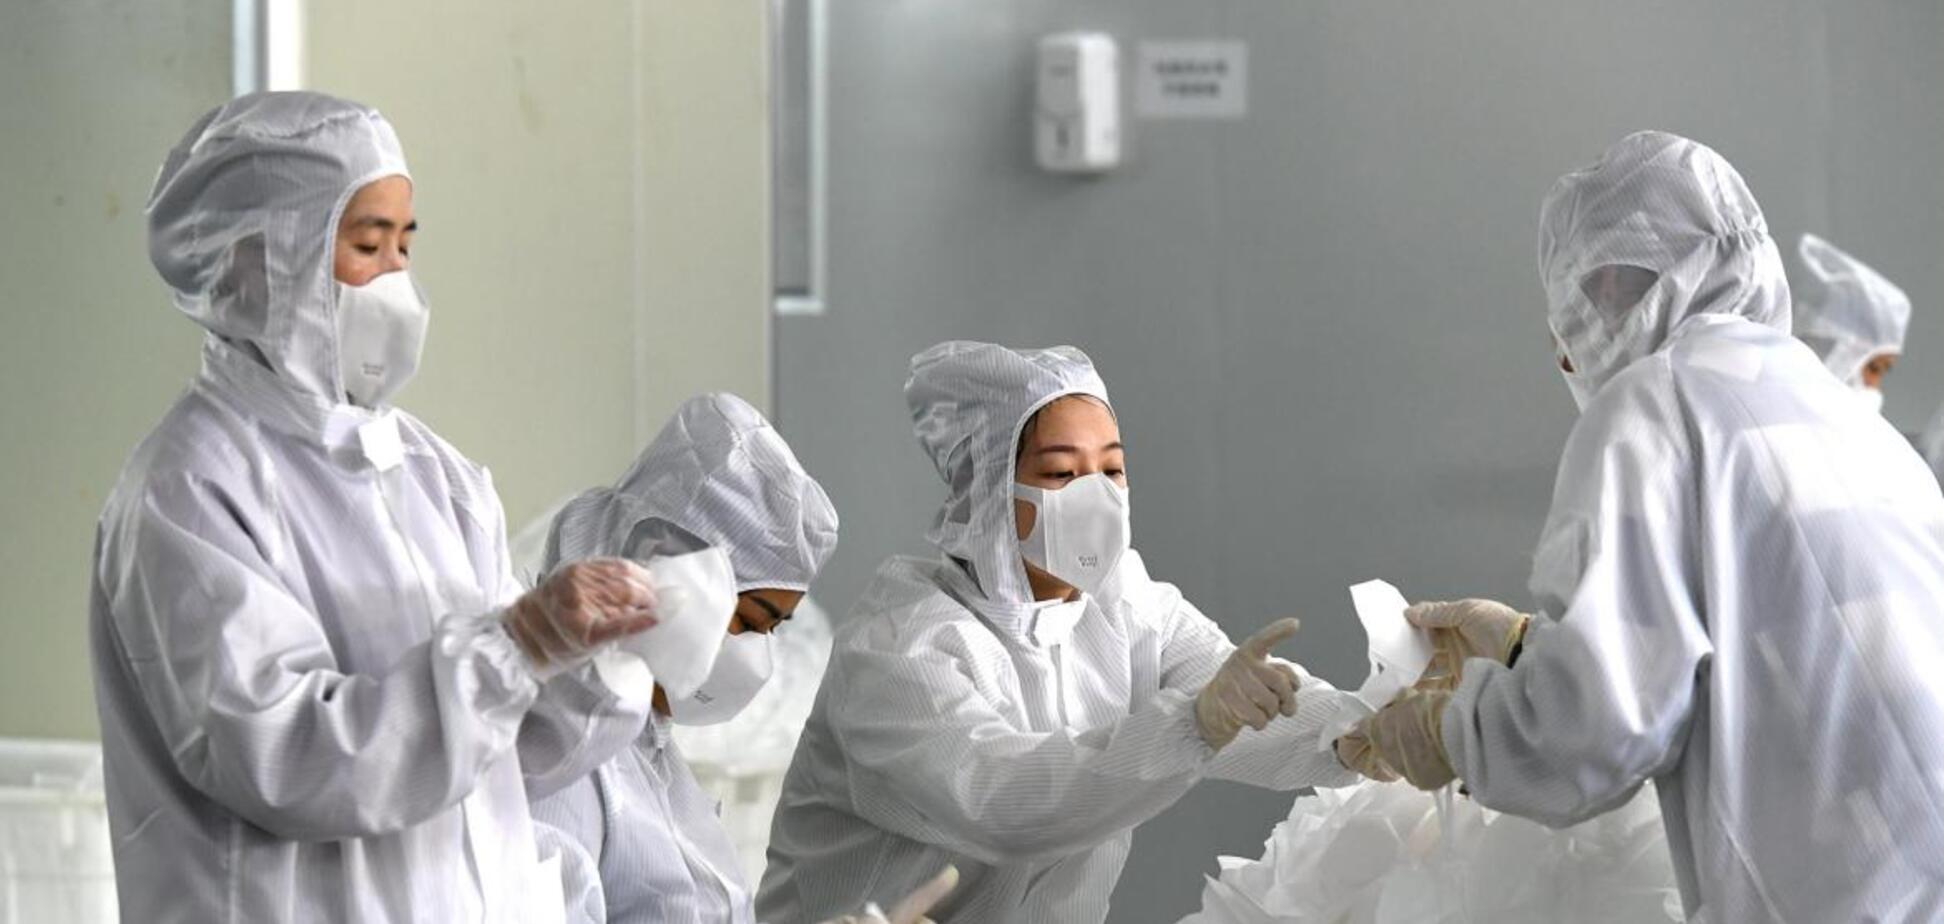 Коронавірус: в Кривому Розі підготували бокси для хворих